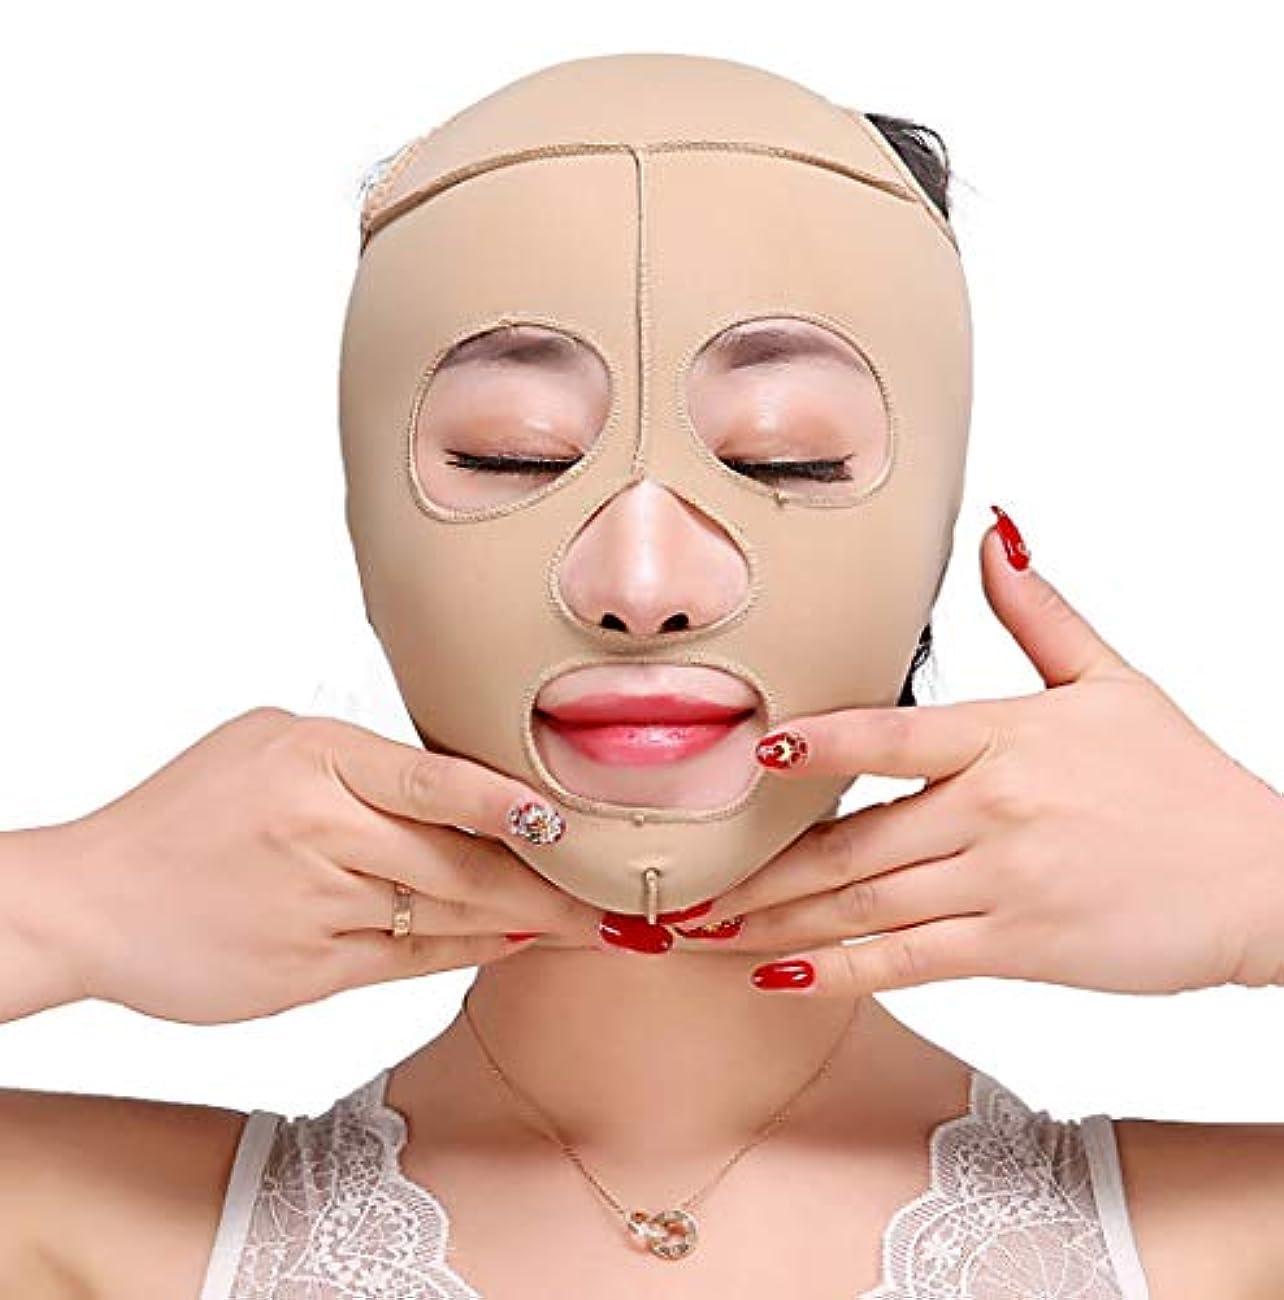 持続する専門結婚GLJJQMY 痩身ベルト痩身ベルト薄い顔の包帯小V顔の顔の薄い顔のマスク包帯の強化引き締めV顔美容マスク小さな顔の包帯の頭飾り修正顔の形 顔用整形マスク (Size : M)